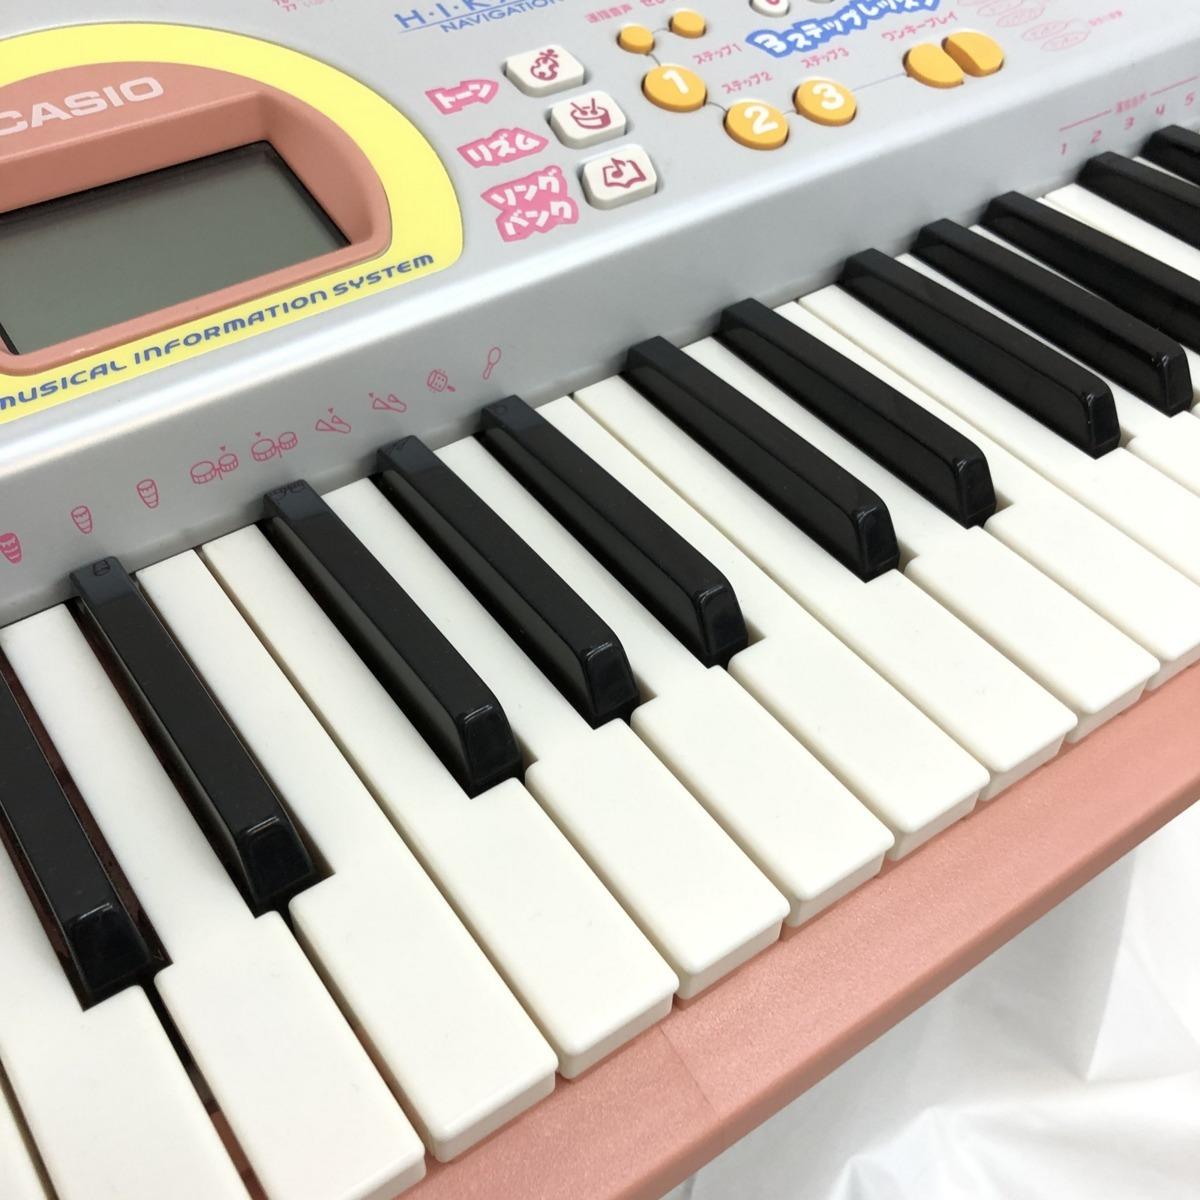 中古 CASIO カシオ 電子キーボード LK-102PK 61鍵盤 光ナビゲーション シルバー ピンク系 ポップカラー 電子ピアノ H15209_画像3